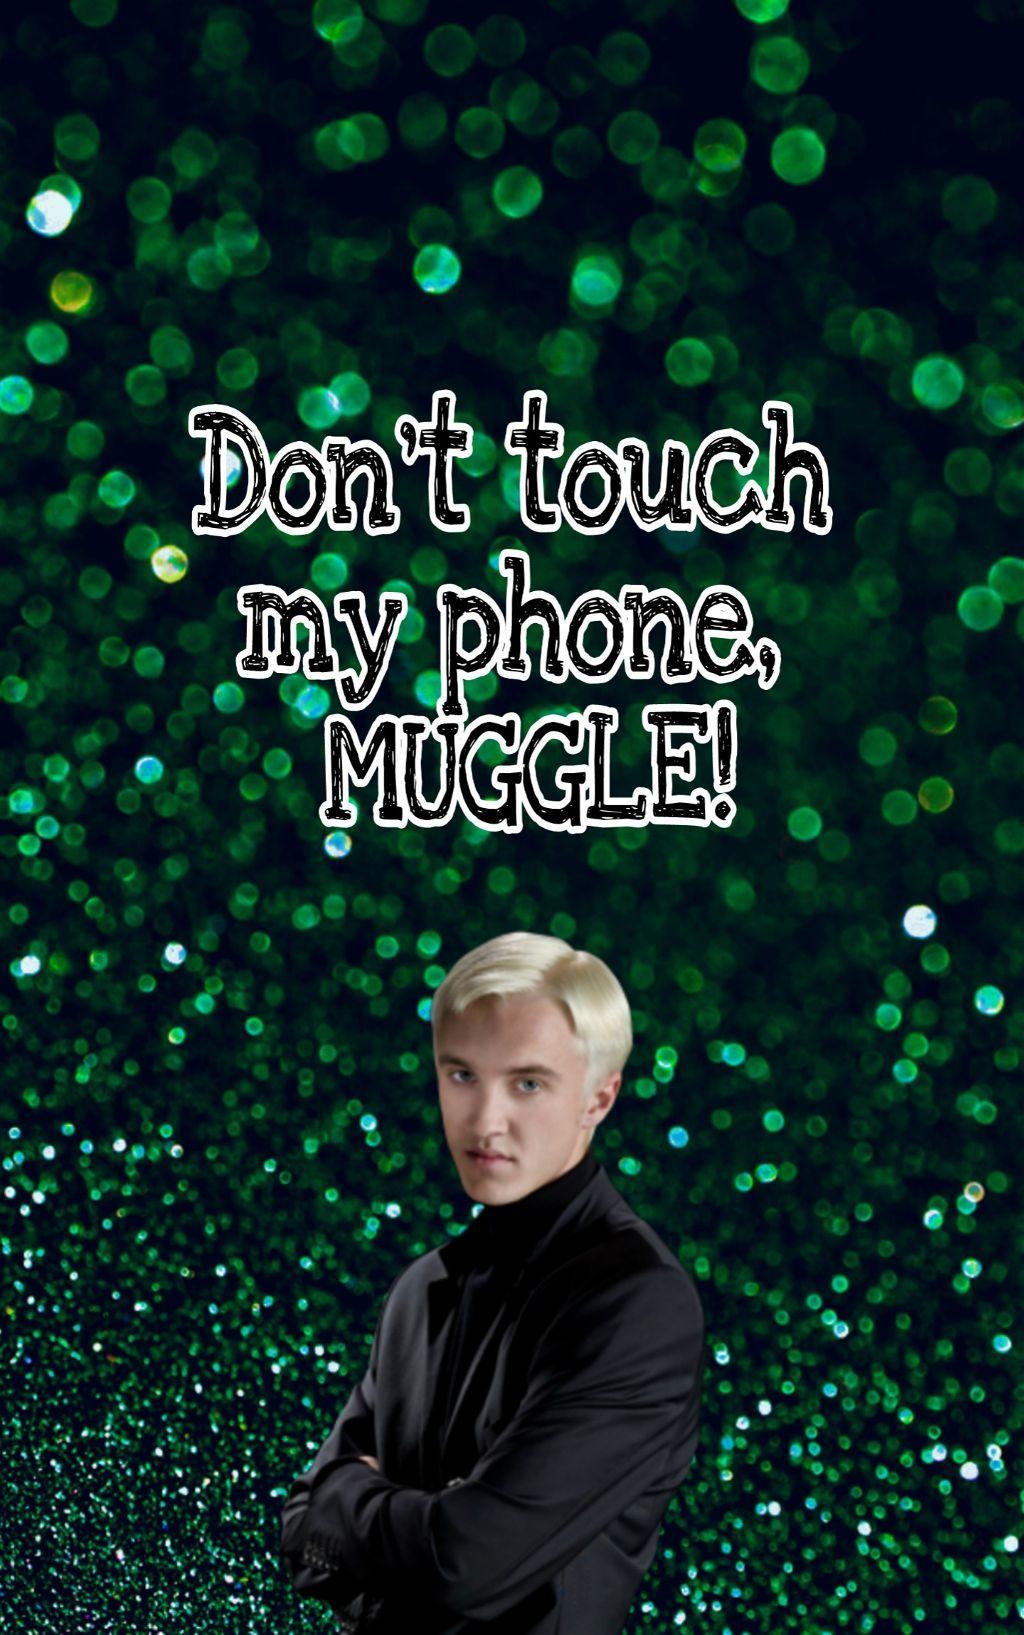 Freetoedit Dracomalfoy Muggle Donttouchmyphone Wallpape